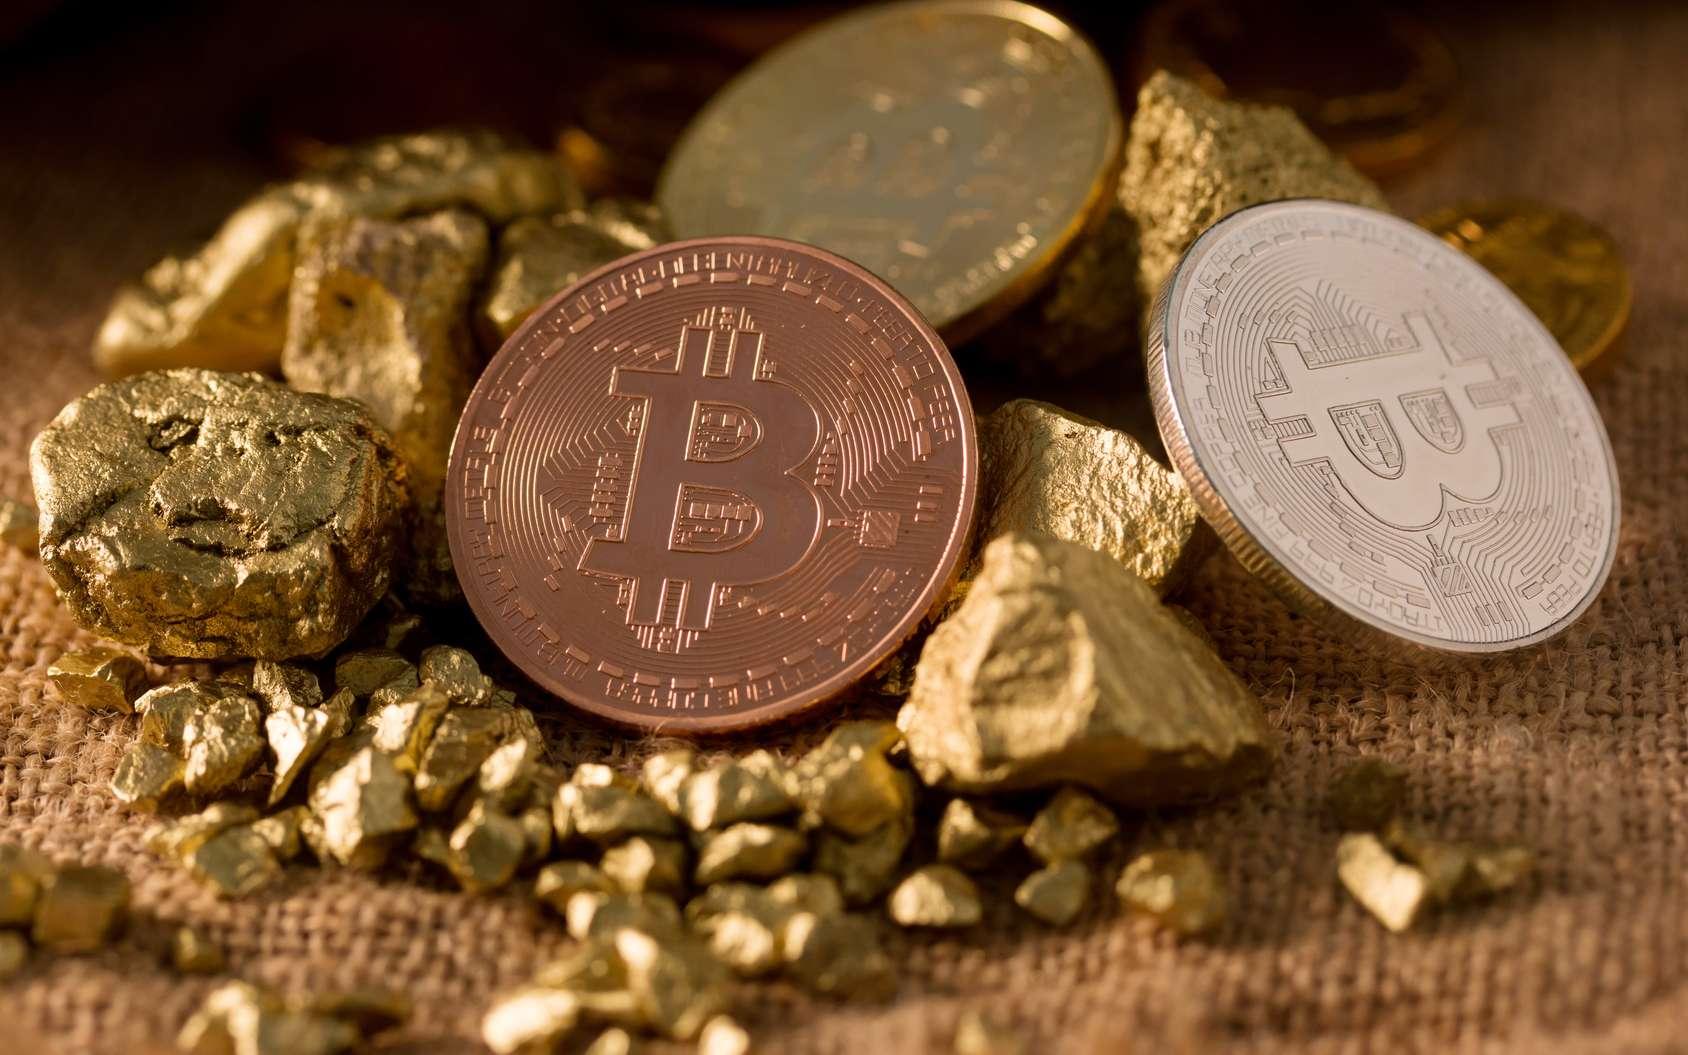 Miner un dollar de Bitcoin nécessite quatre fois plus d'énergie qu'extraire un dollar d'or. © sakdinon, Fotolia